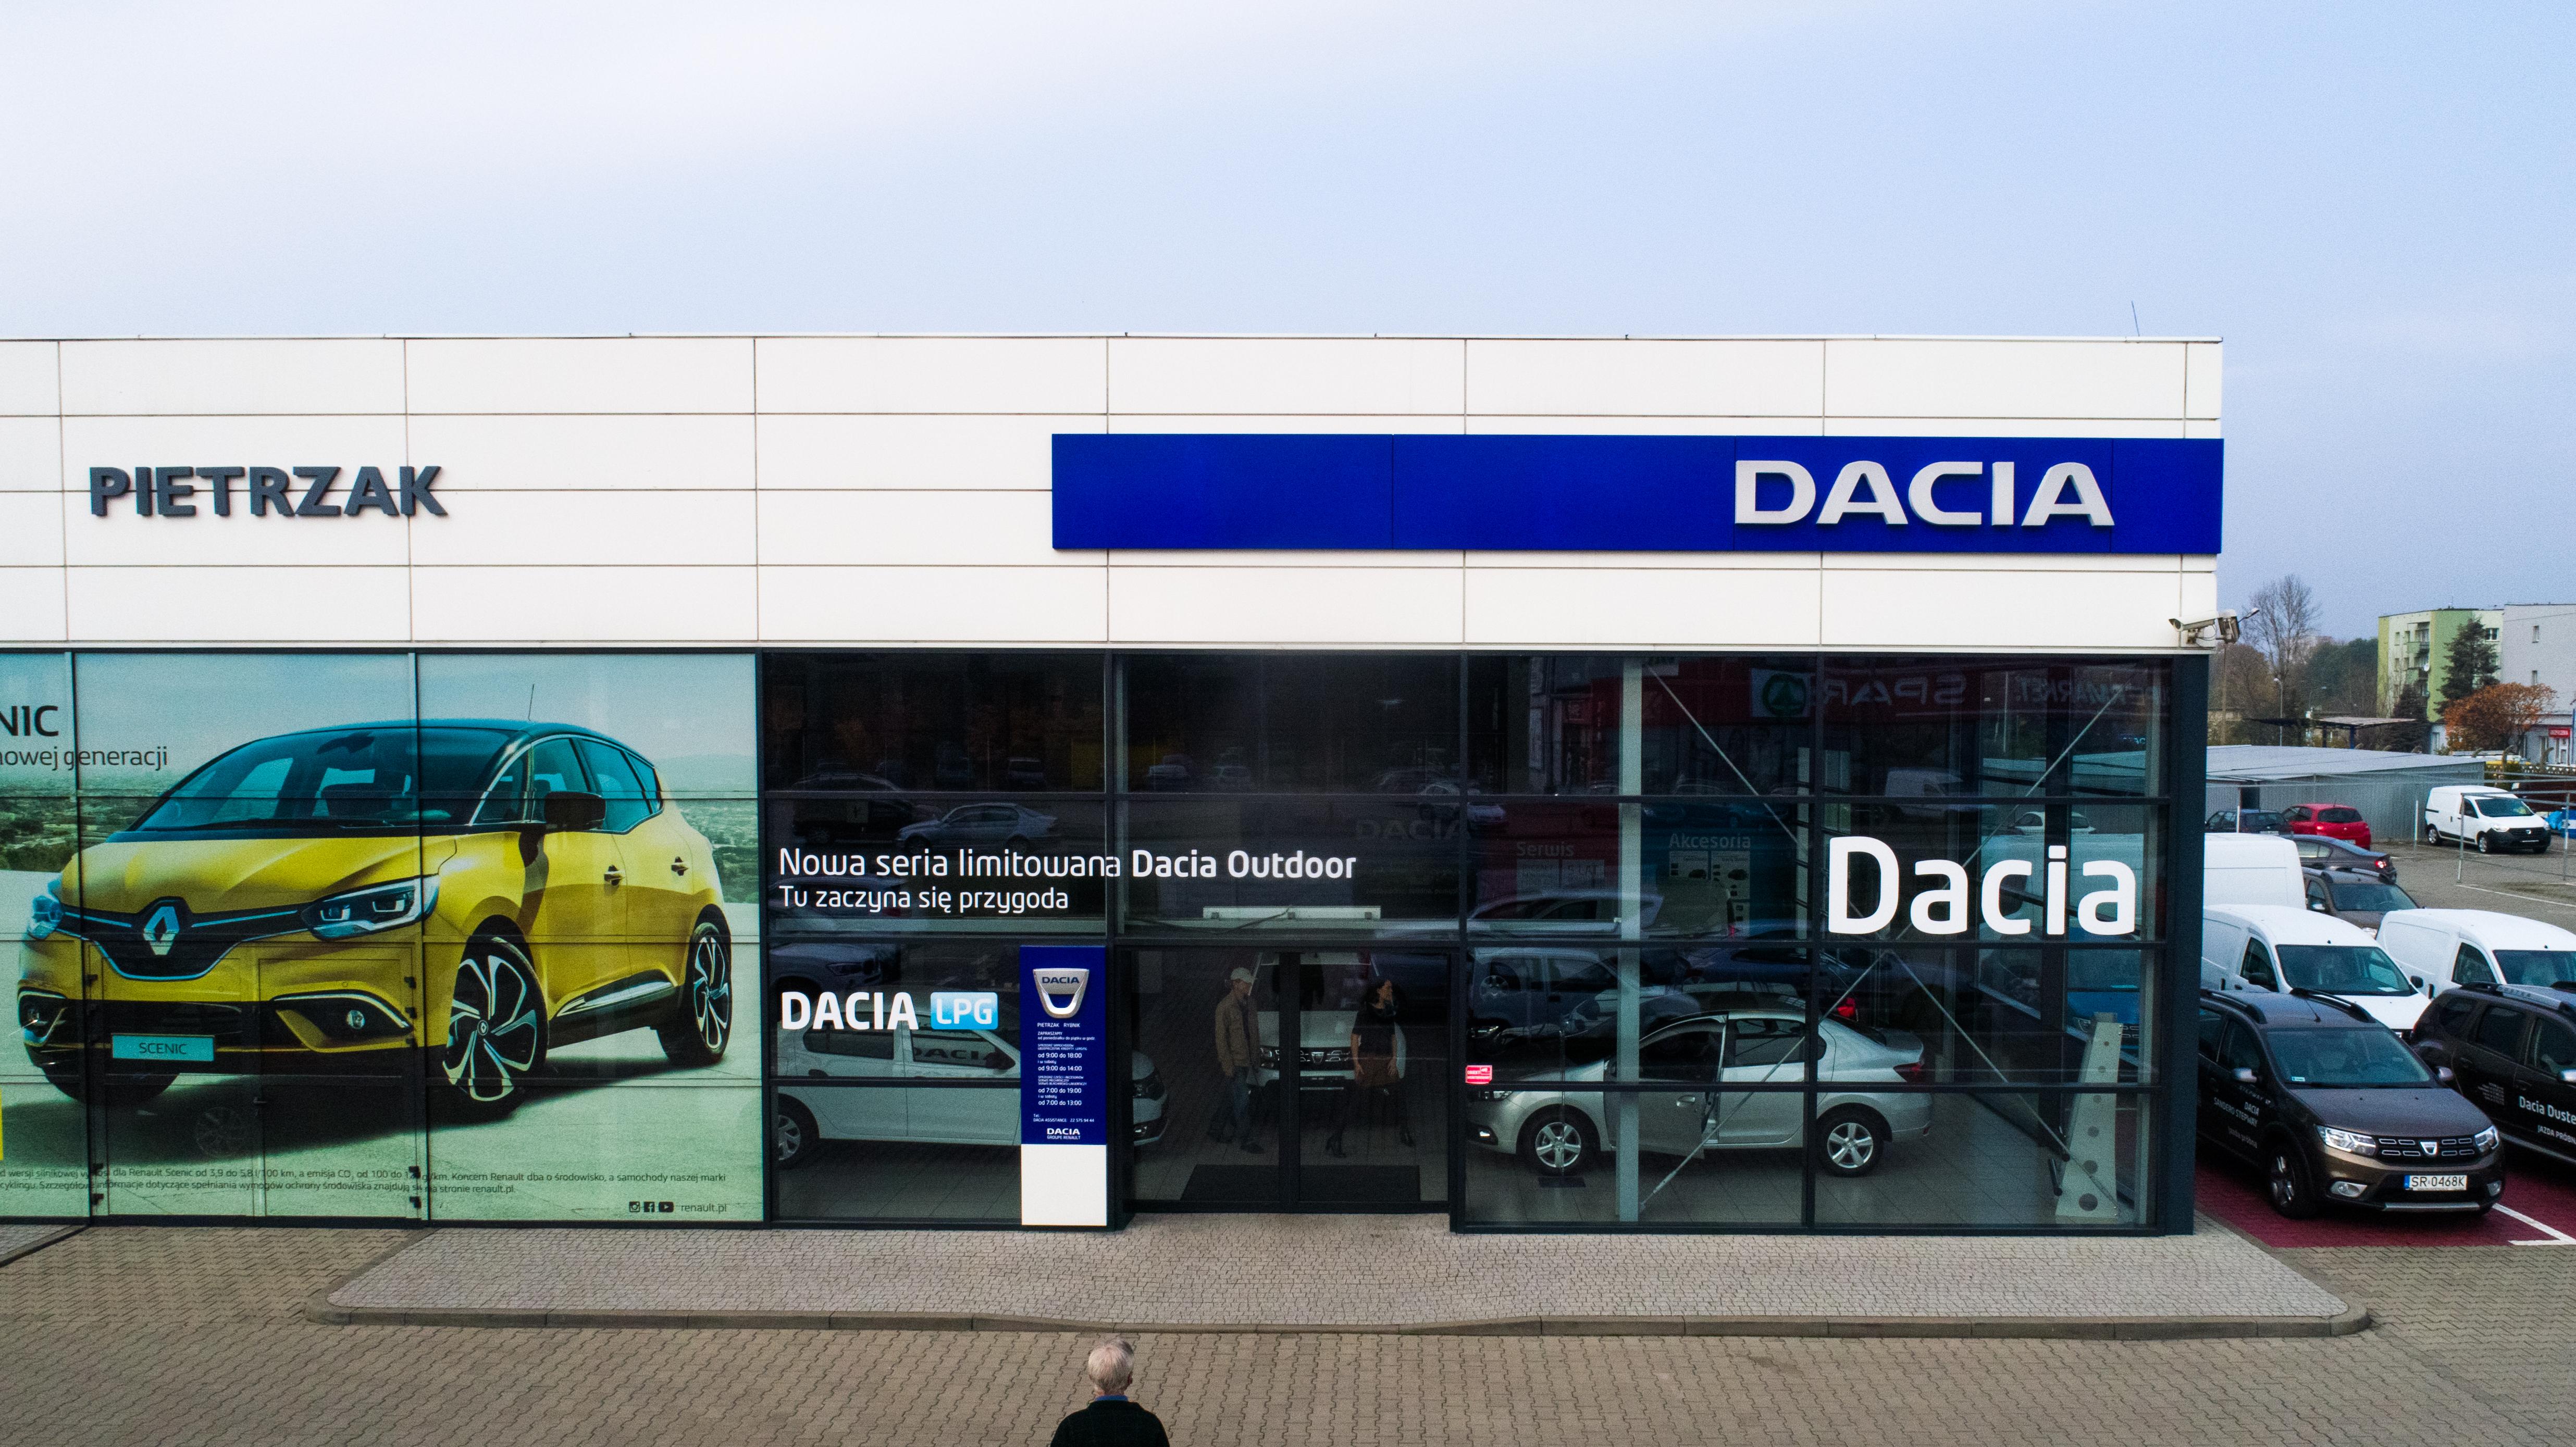 Serwis i Salon Dacia Rybik